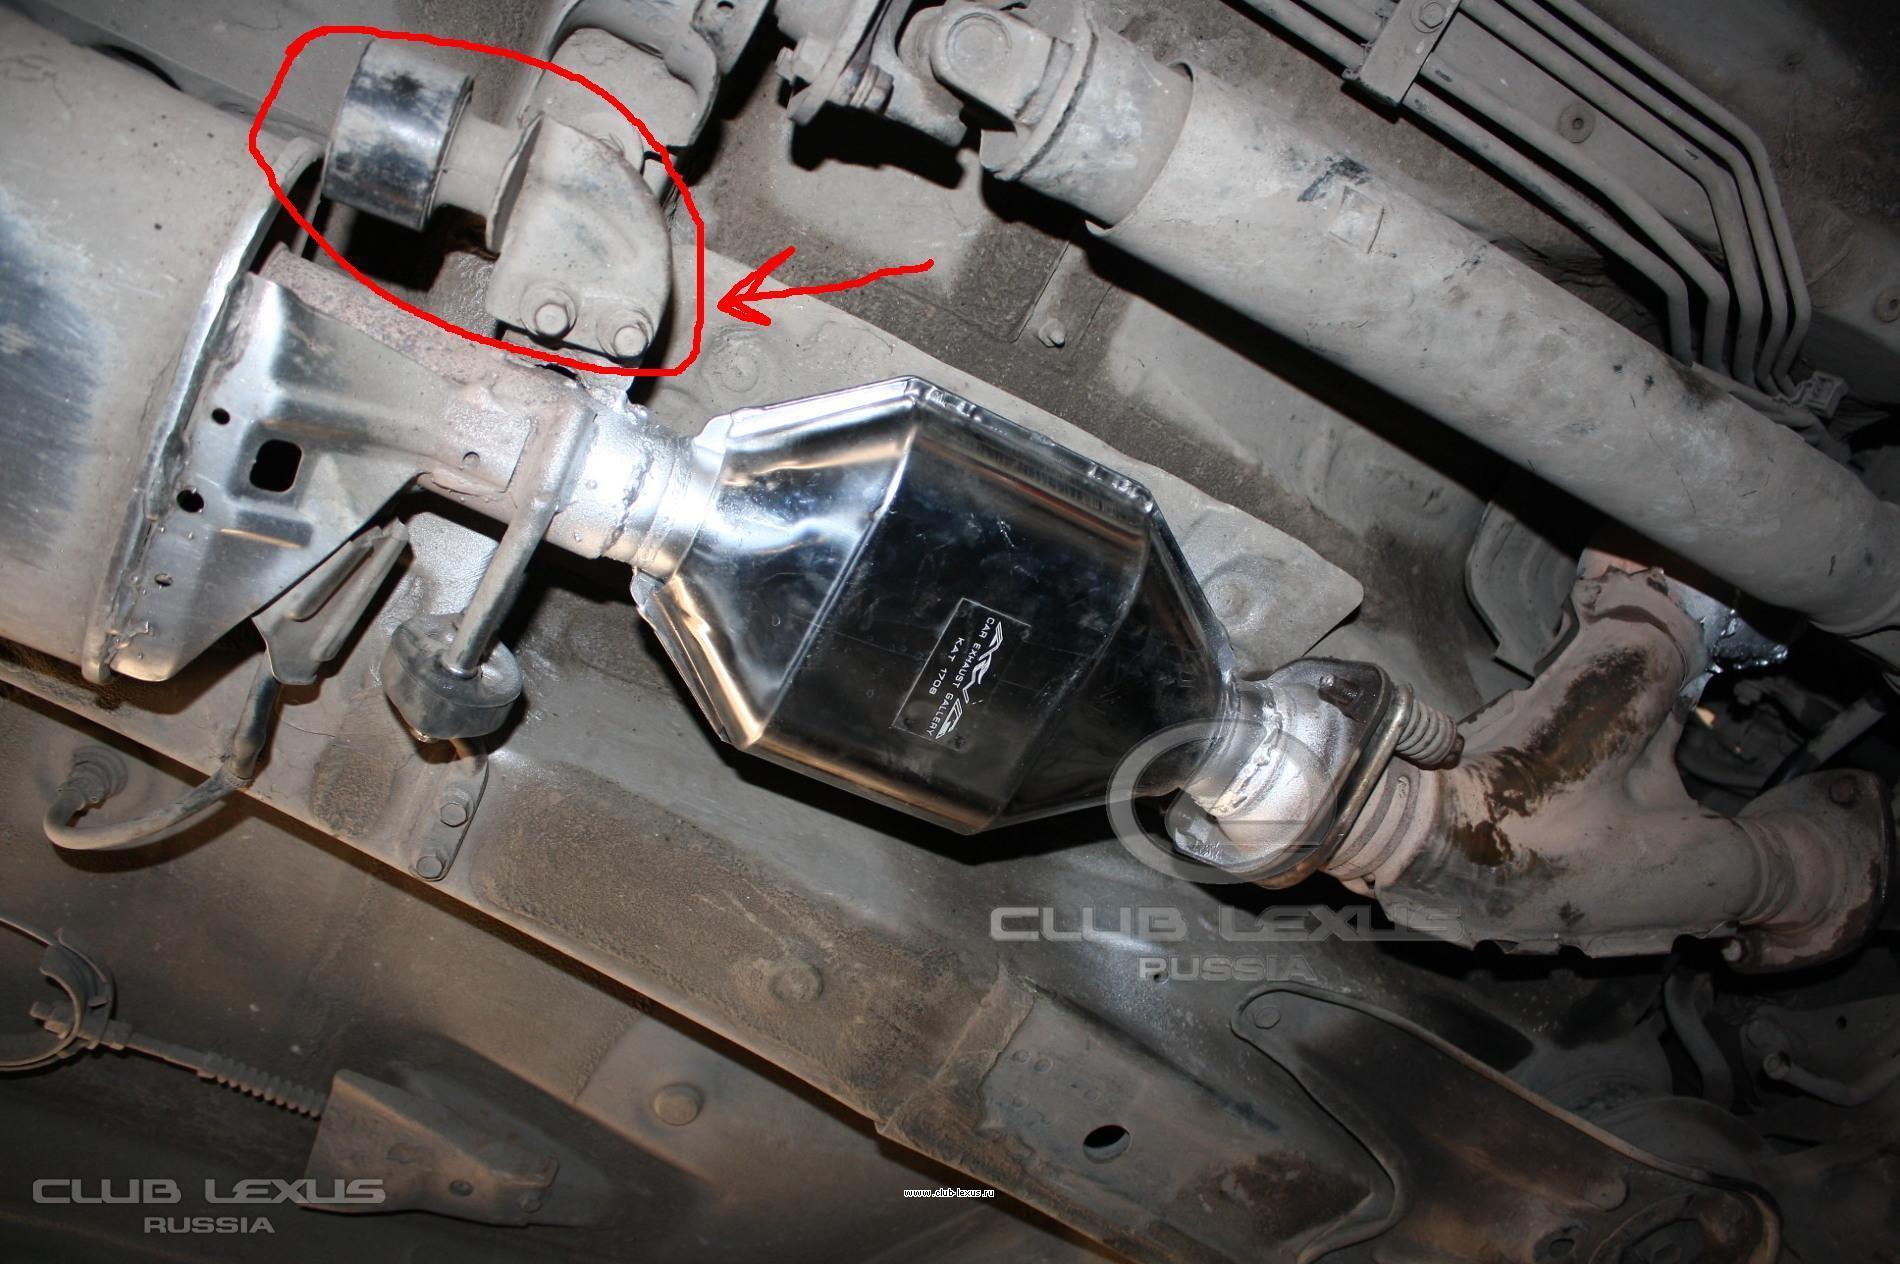 последствия пробивки катализатора на форд мондео3 автомобиле #3